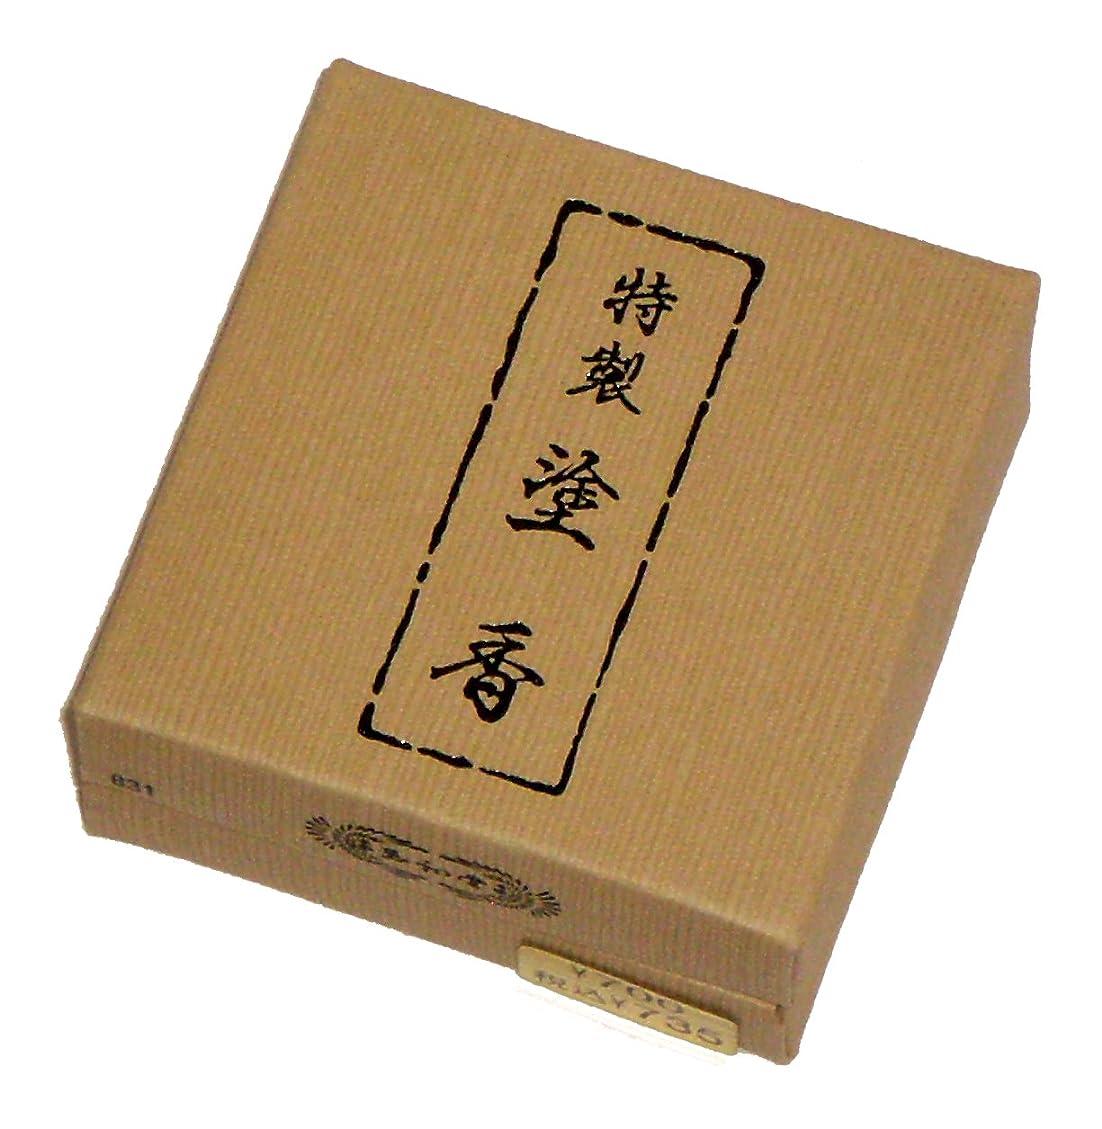 釈義チーター合成玉初堂のお香 特製塗香 15g 紙箱 #831